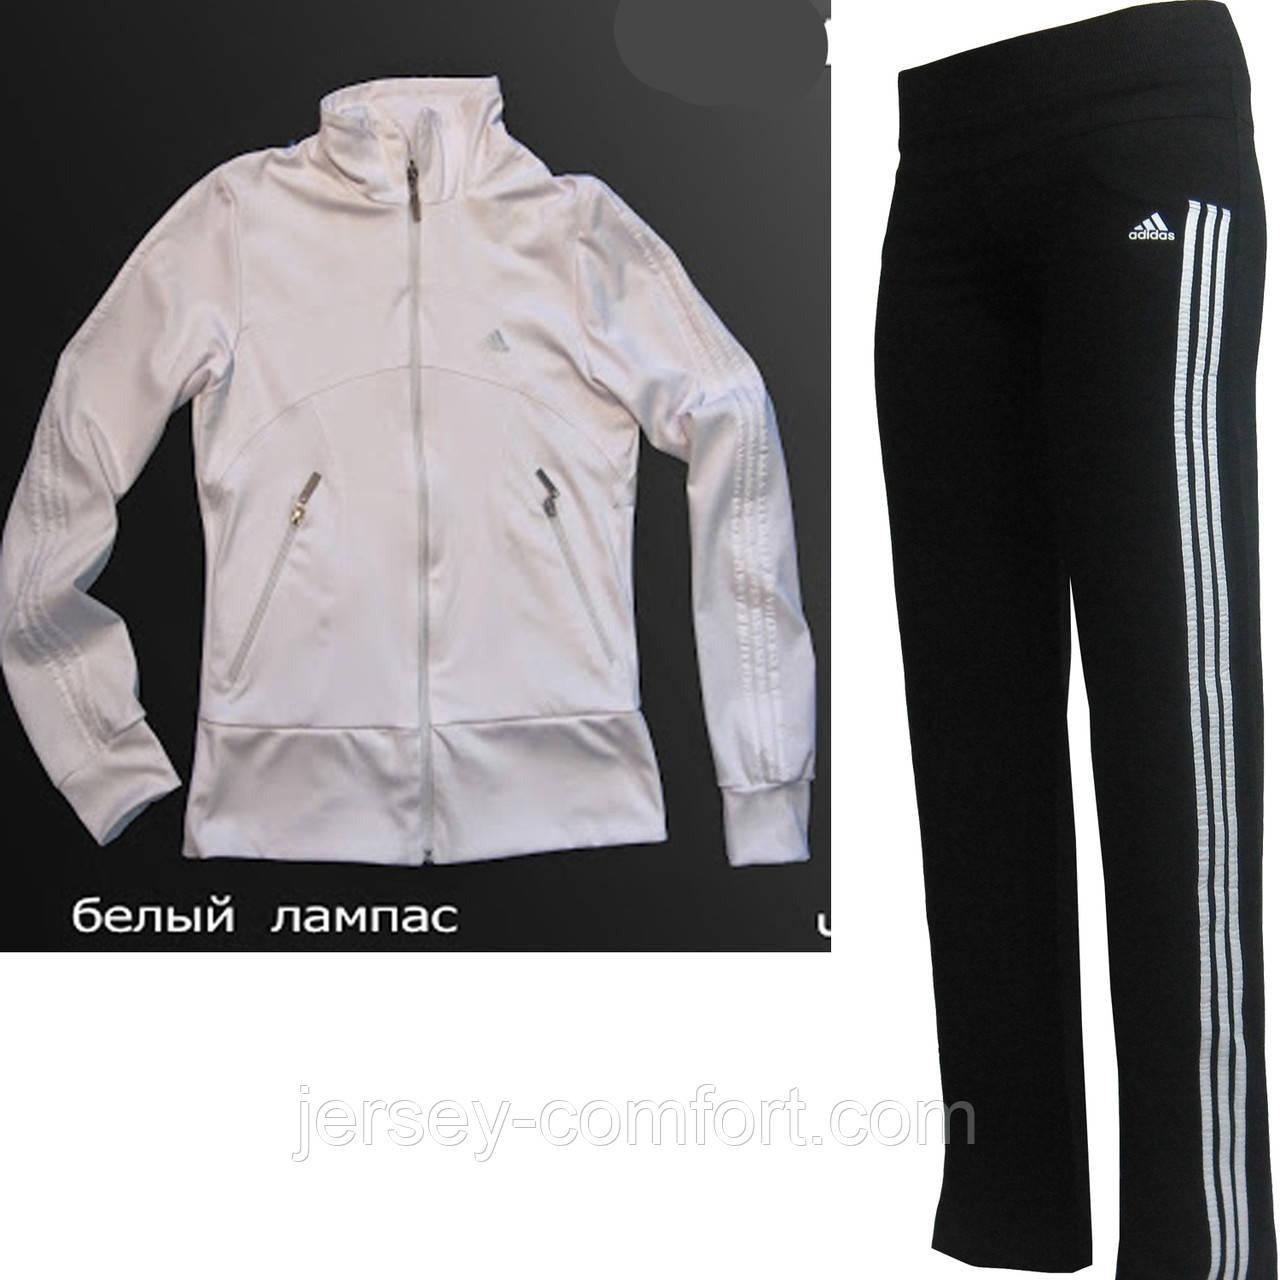 Костюм  спортивный эластан. Белая кофта, брюки черные, лампас белый.Мод. 165.